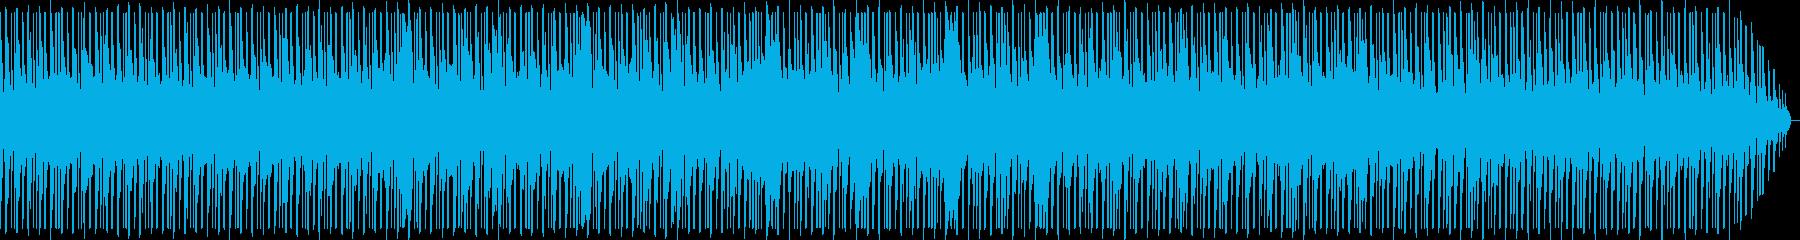 少しローファイなチップチューンテクノの再生済みの波形